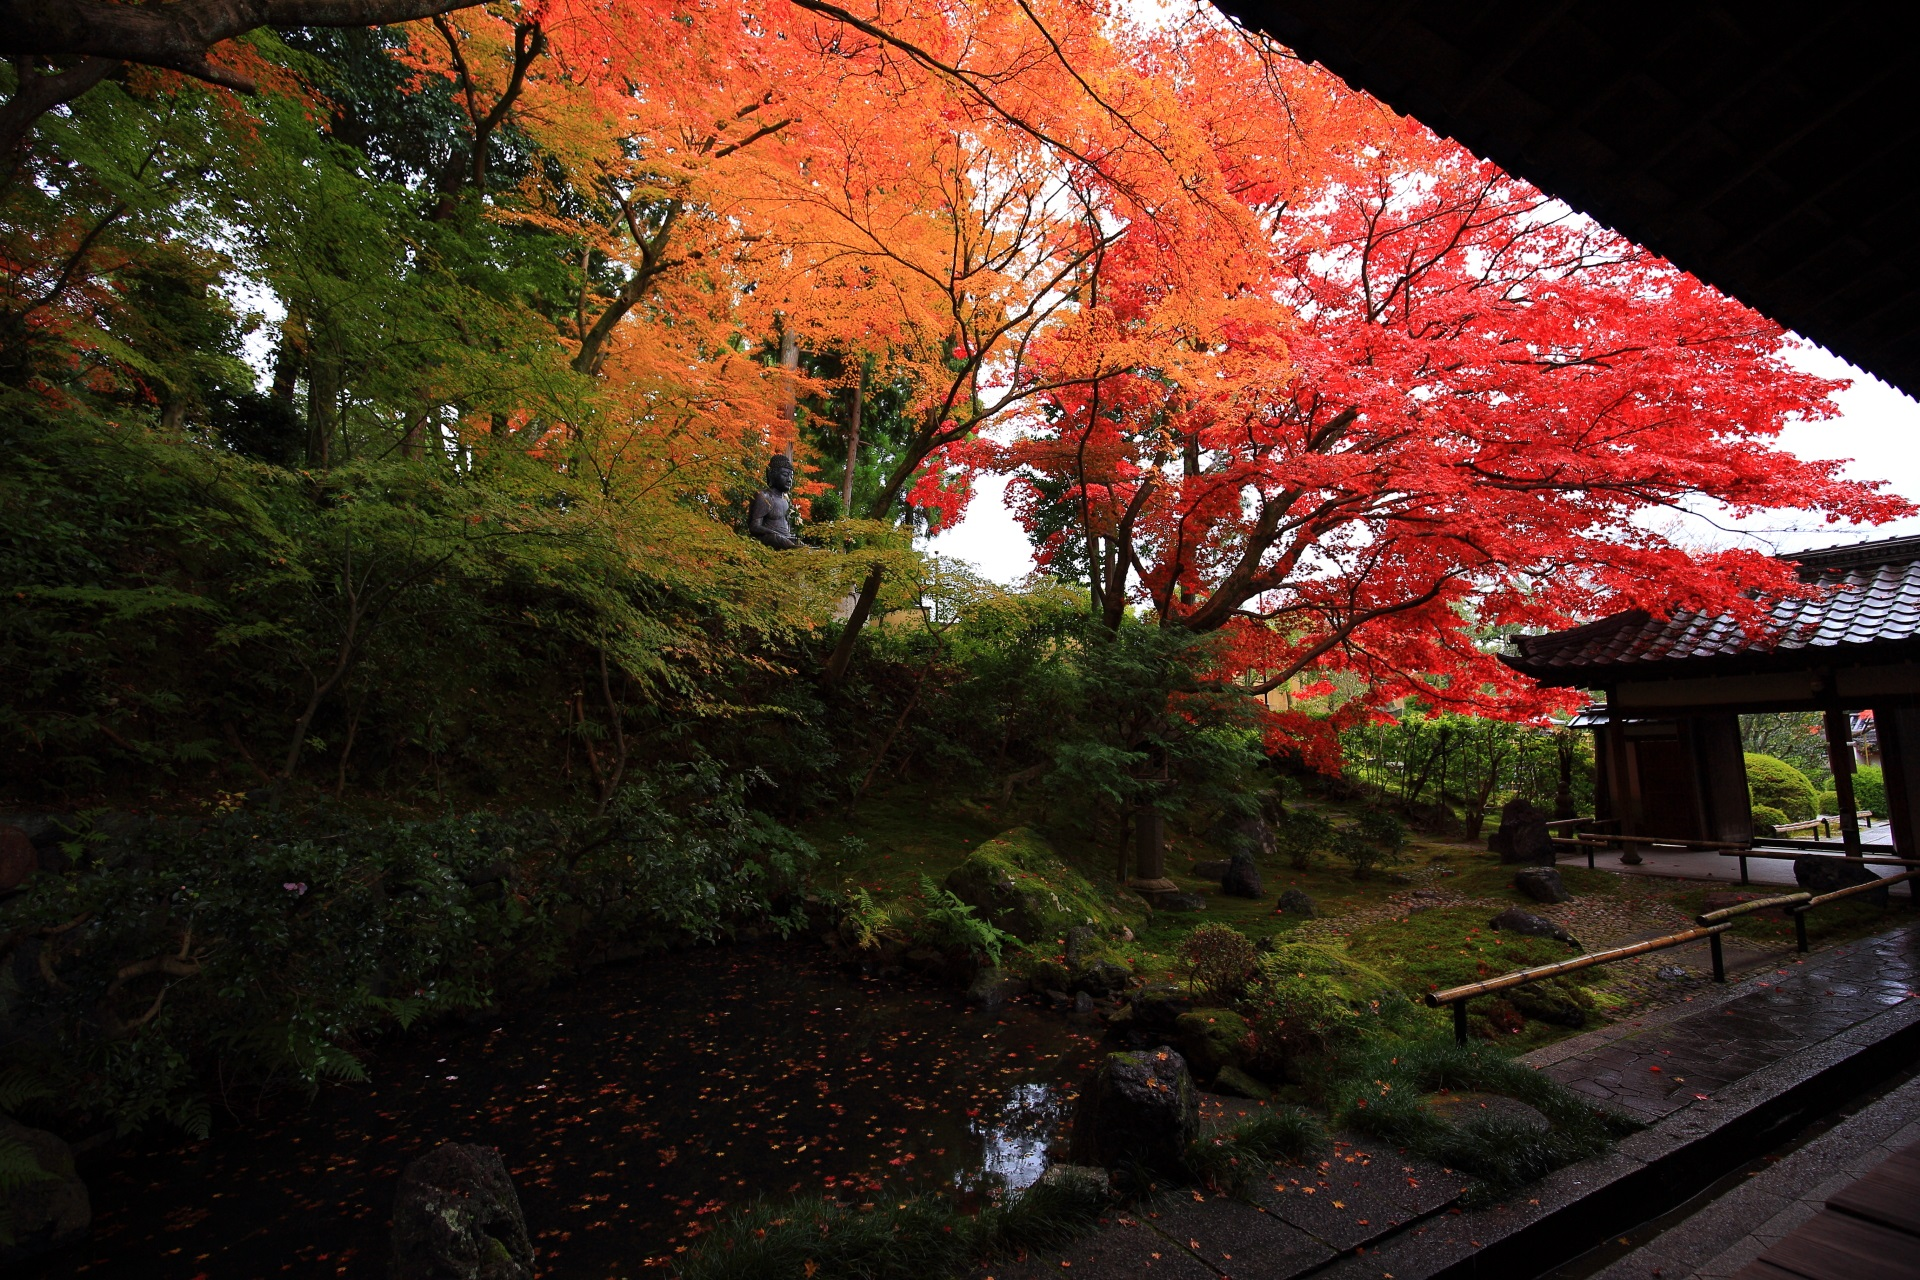 池のある池泉式庭園の奥から眺めた紅葉と入口の門